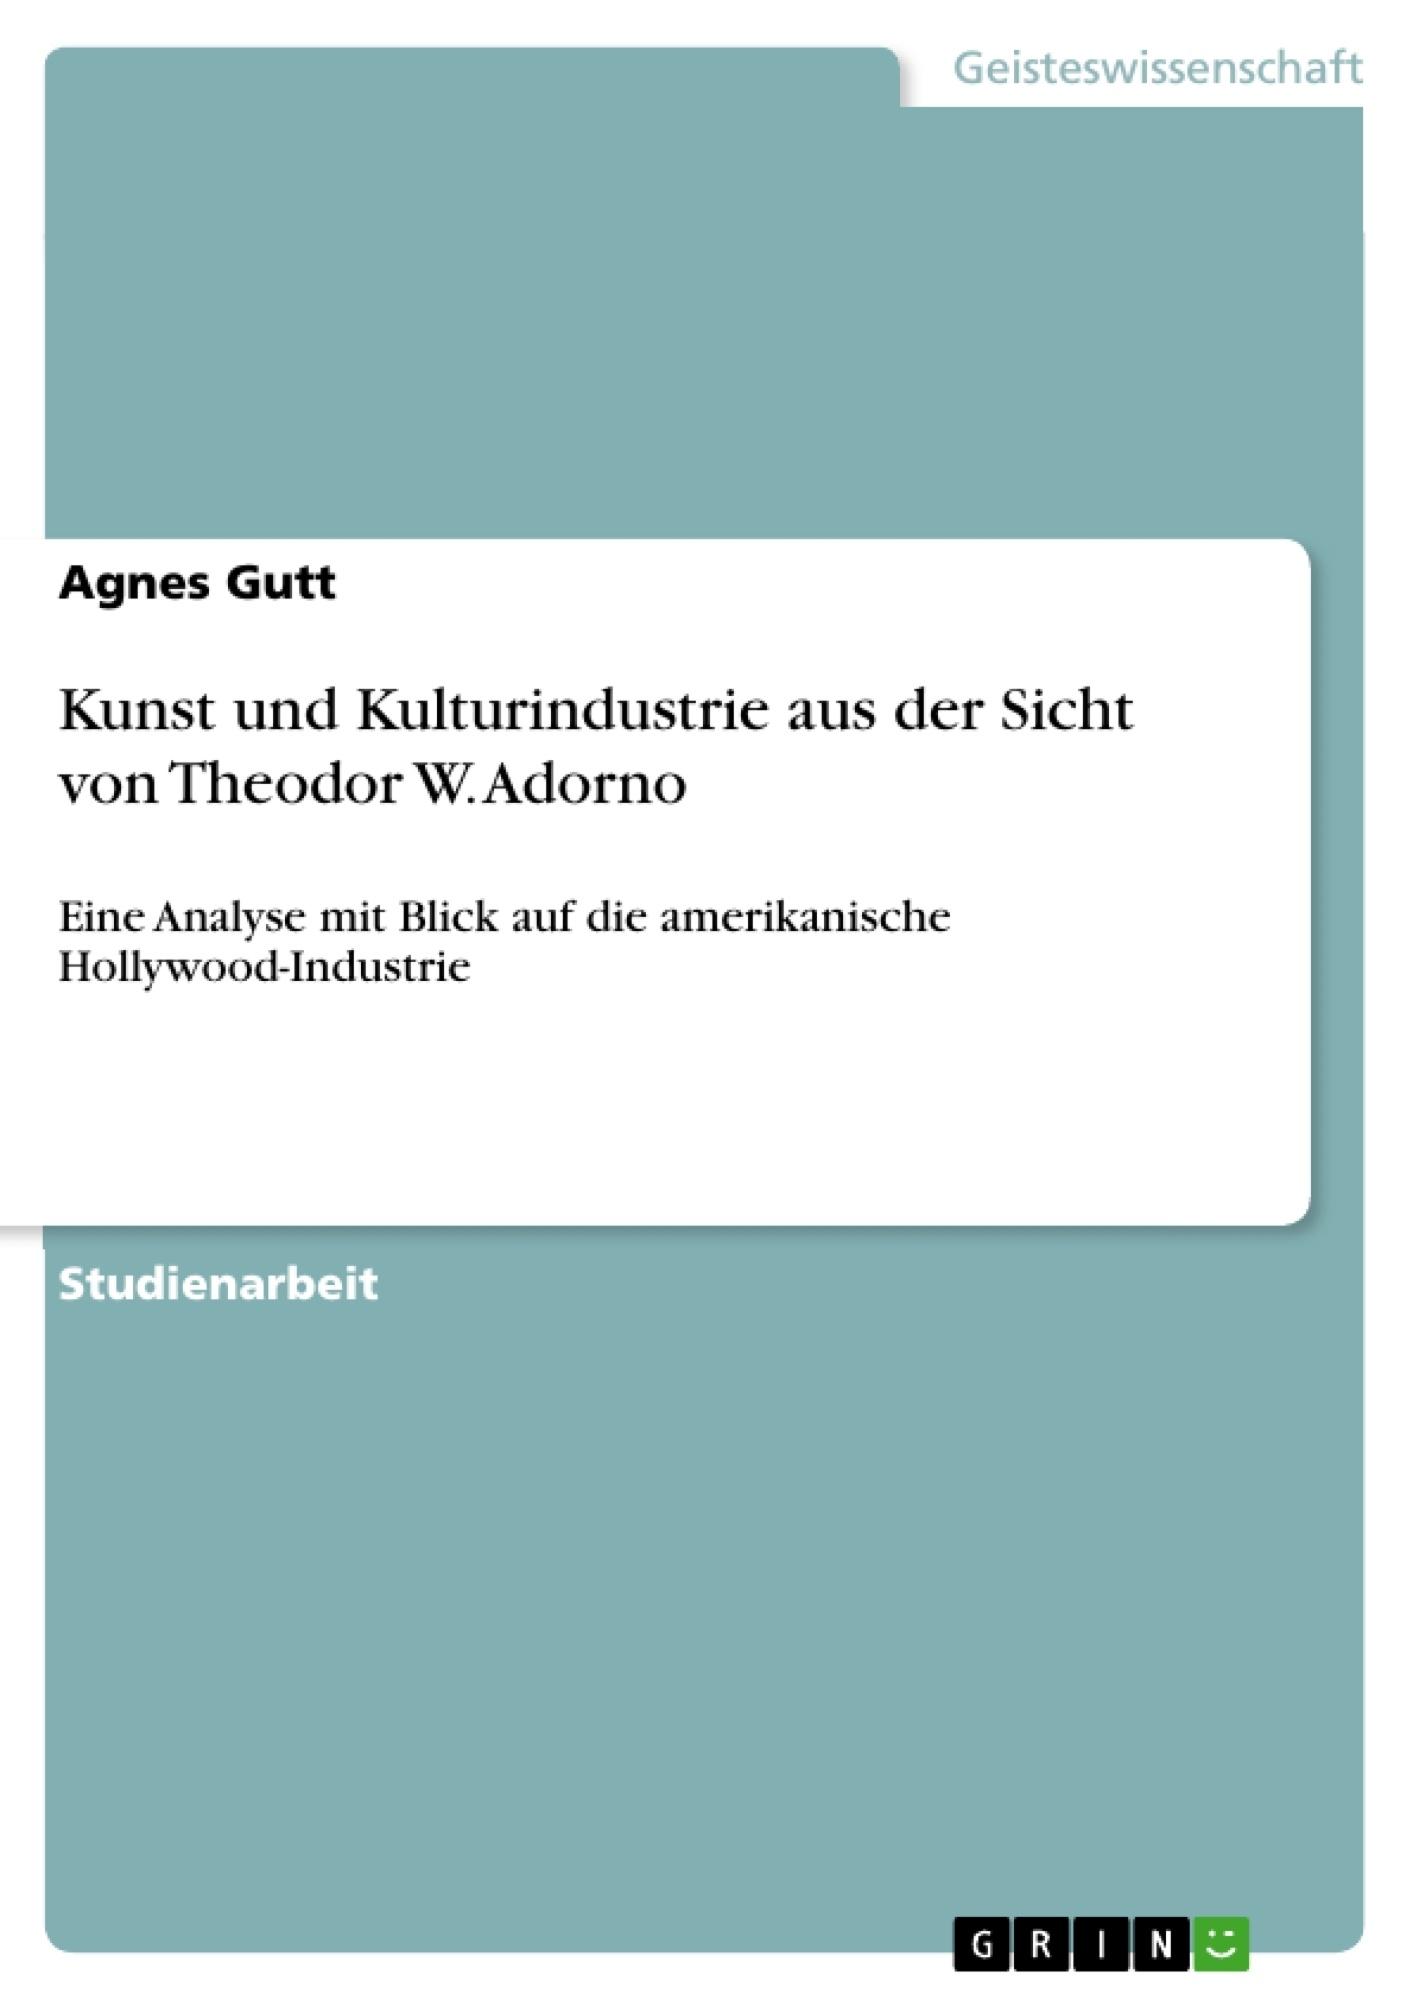 Titel: Kunst und Kulturindustrie aus der Sicht von Theodor W. Adorno